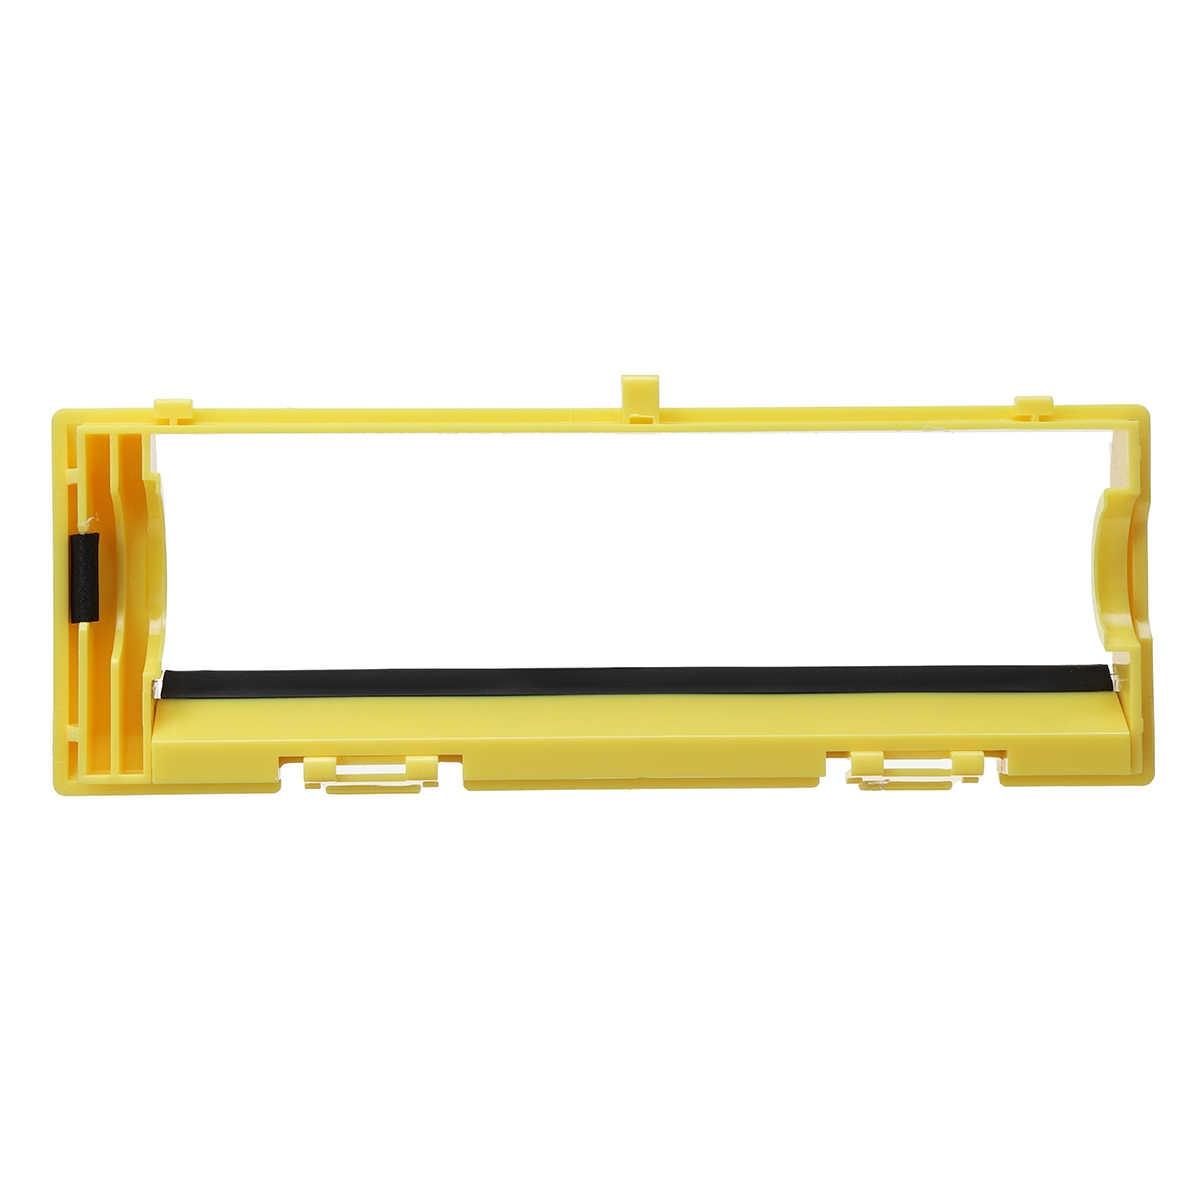 Original wichtigsten roller nahen pinsel Abdeckung für ILIFE A4 A4S A40 T4 X430 X432 roboter Staubsauger Teile pinsel Abdeckung zubehör